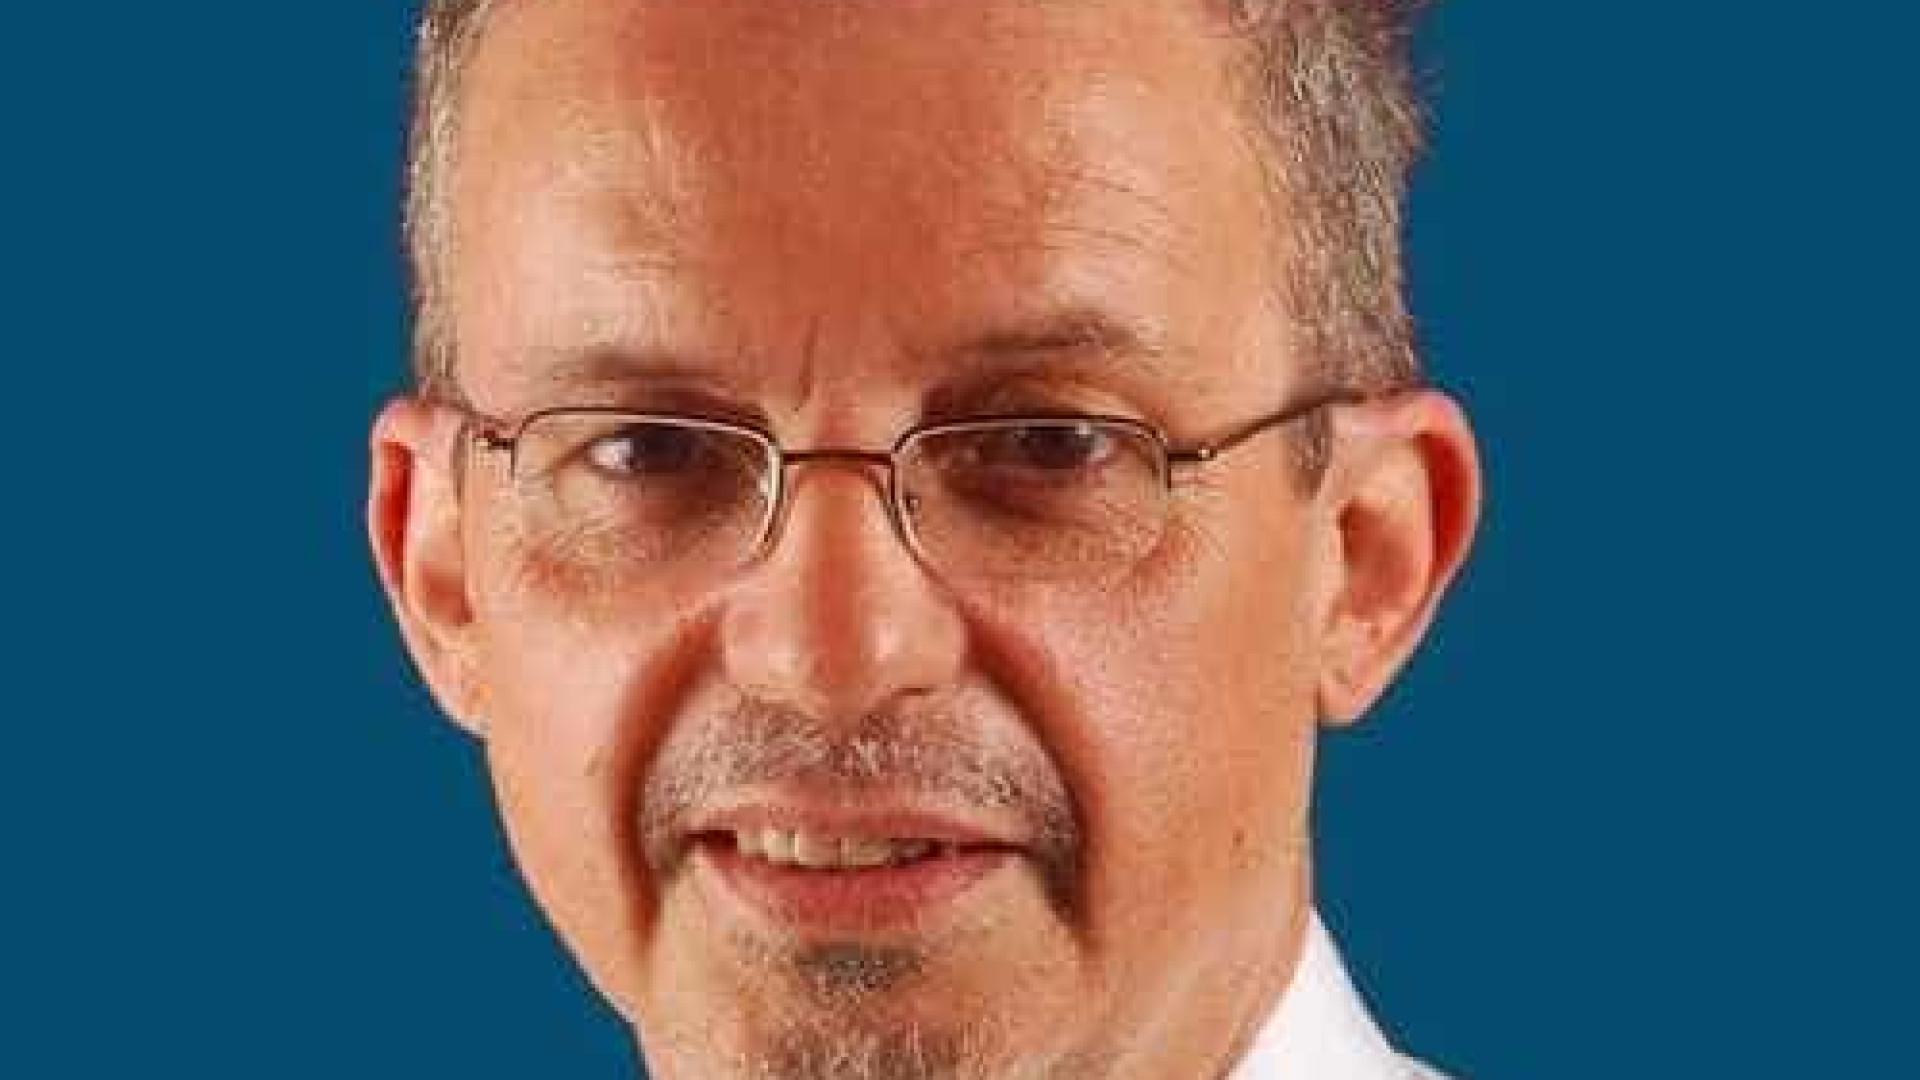 Polícia crê em suicídio de chefe de campanha do PMDB em Porto Alegre